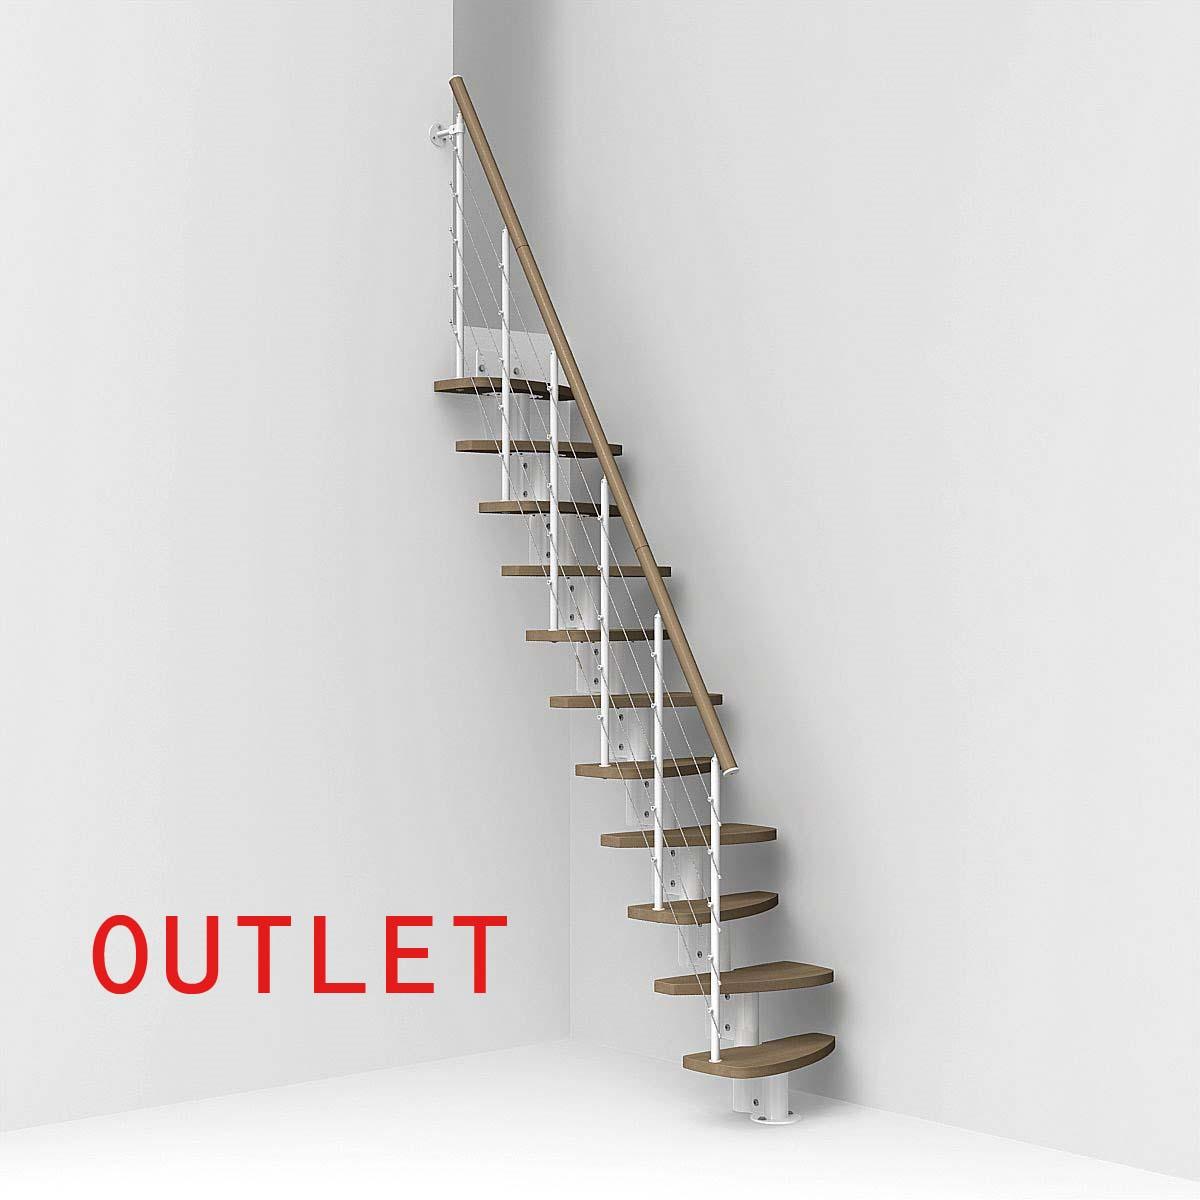 人気のロフト階段ZENのOUTLET品です